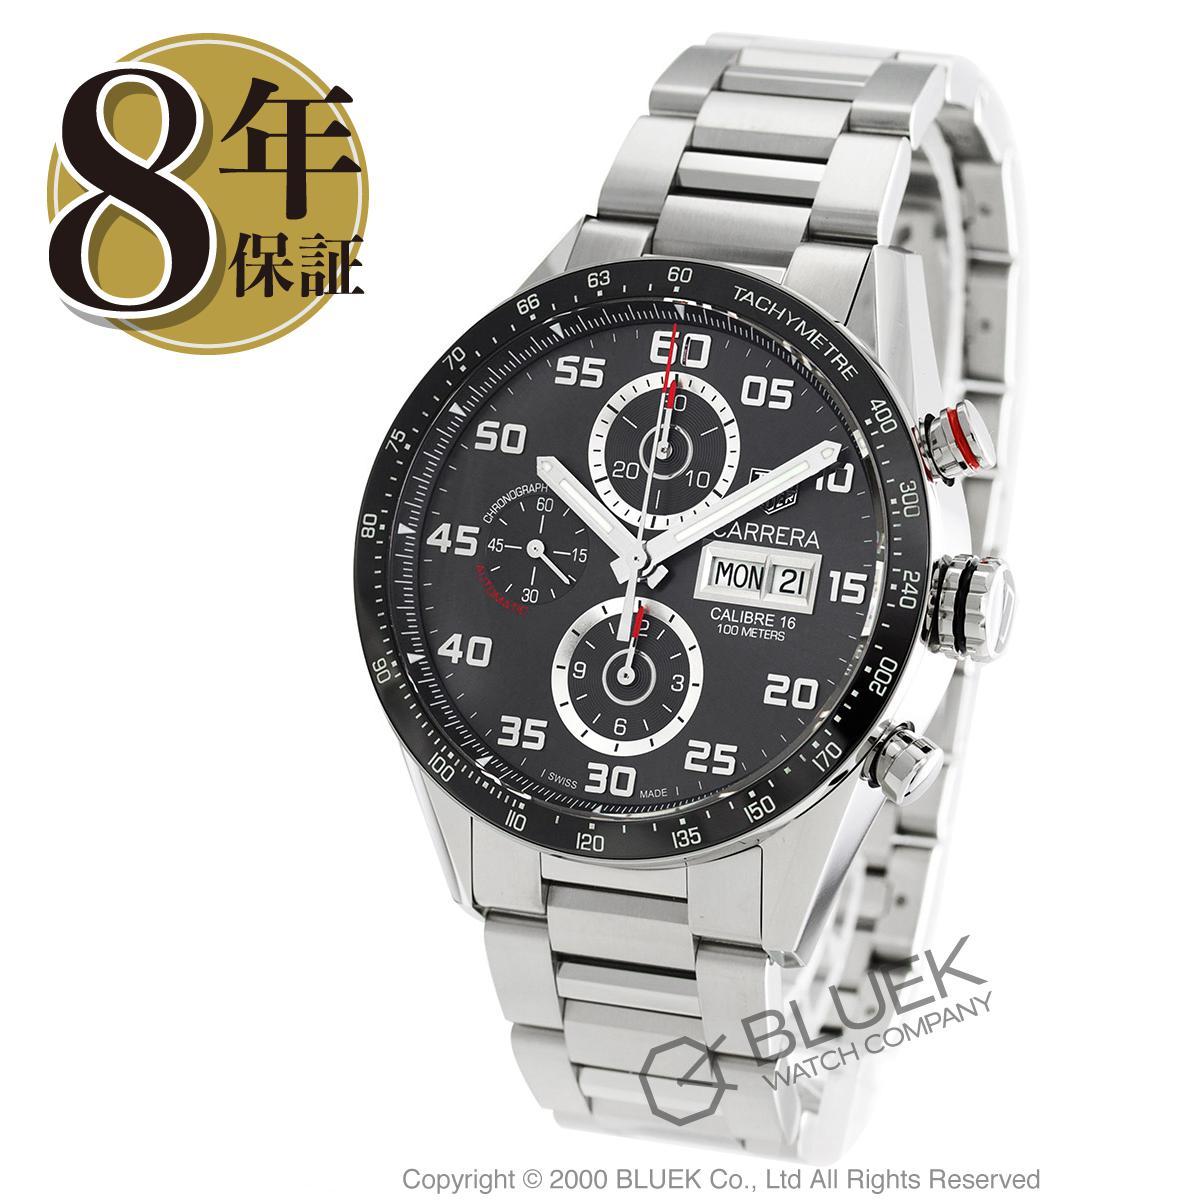 タグホイヤー カレラ クロノグラフ 腕時計 メンズ TAG Heuer CV2A1U.BA0738_8 バーゲン 成人祝い ギフト プレゼント